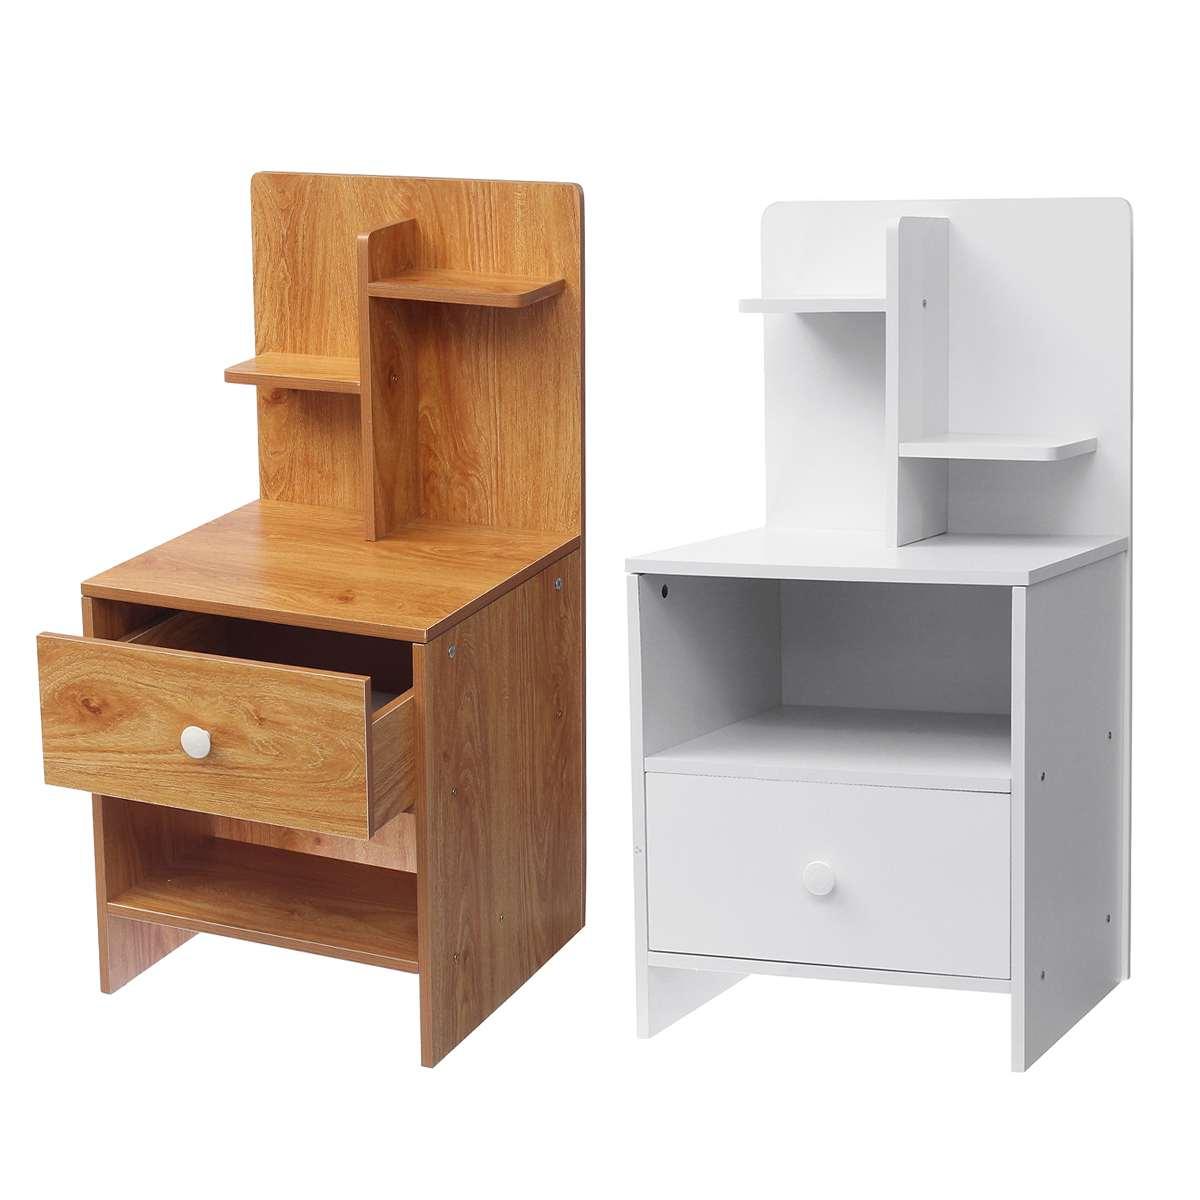 Moderne élégant chambre Table de chevet unité armoire de rangement Table de nuit 1 tiroir